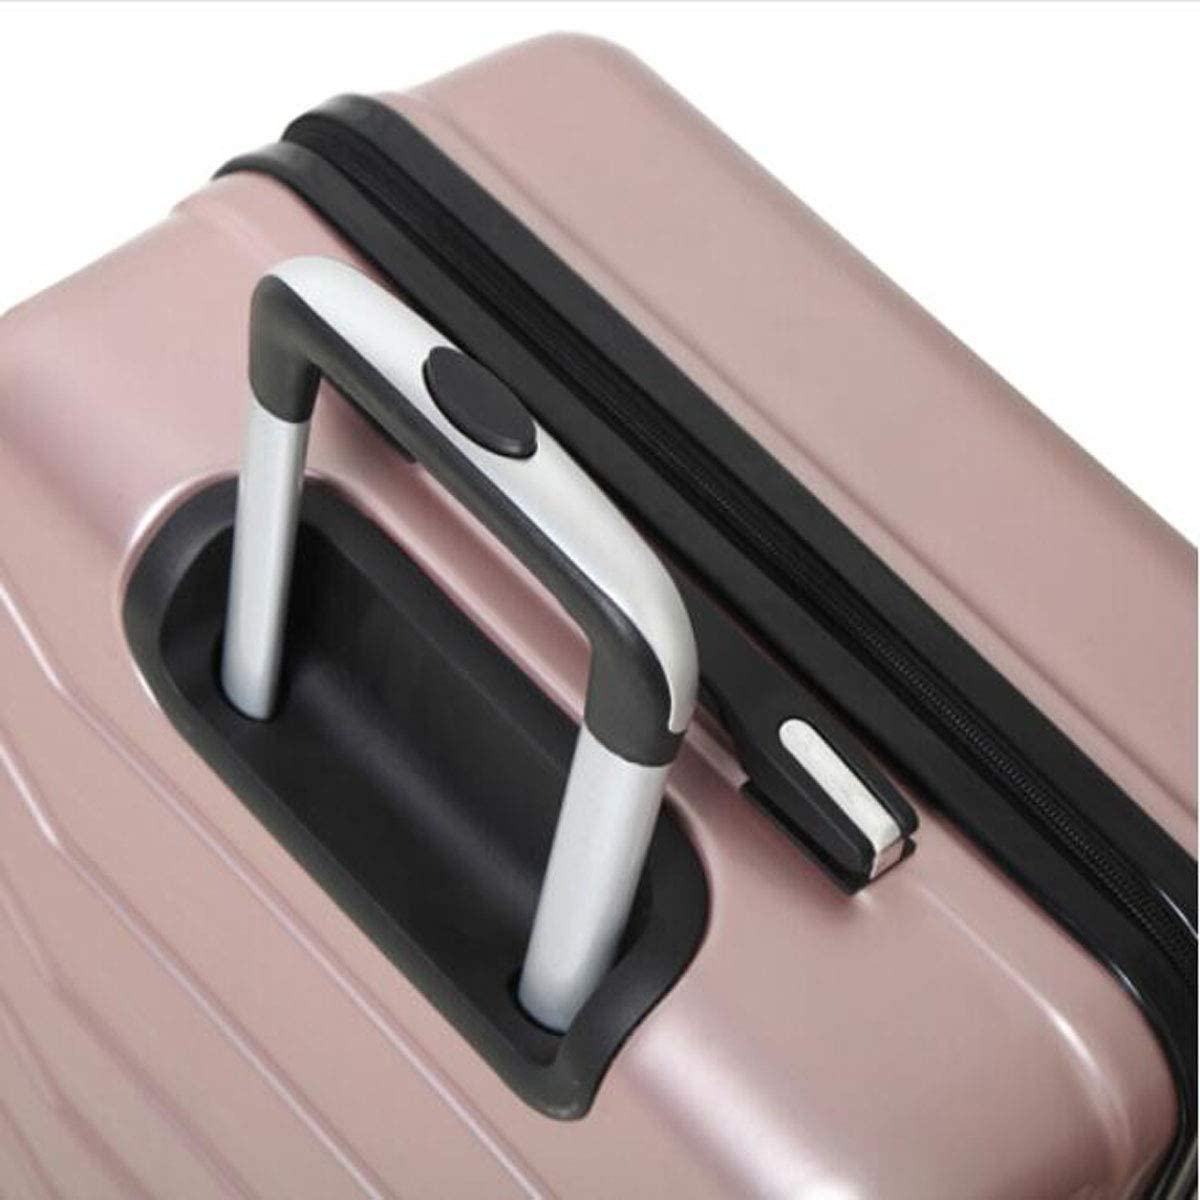 Black cm Color : Light Purple, Size : 171027 inch 342256 Aishanghuayi Suitcase for Fashion Business Suitcase Suitcase Size